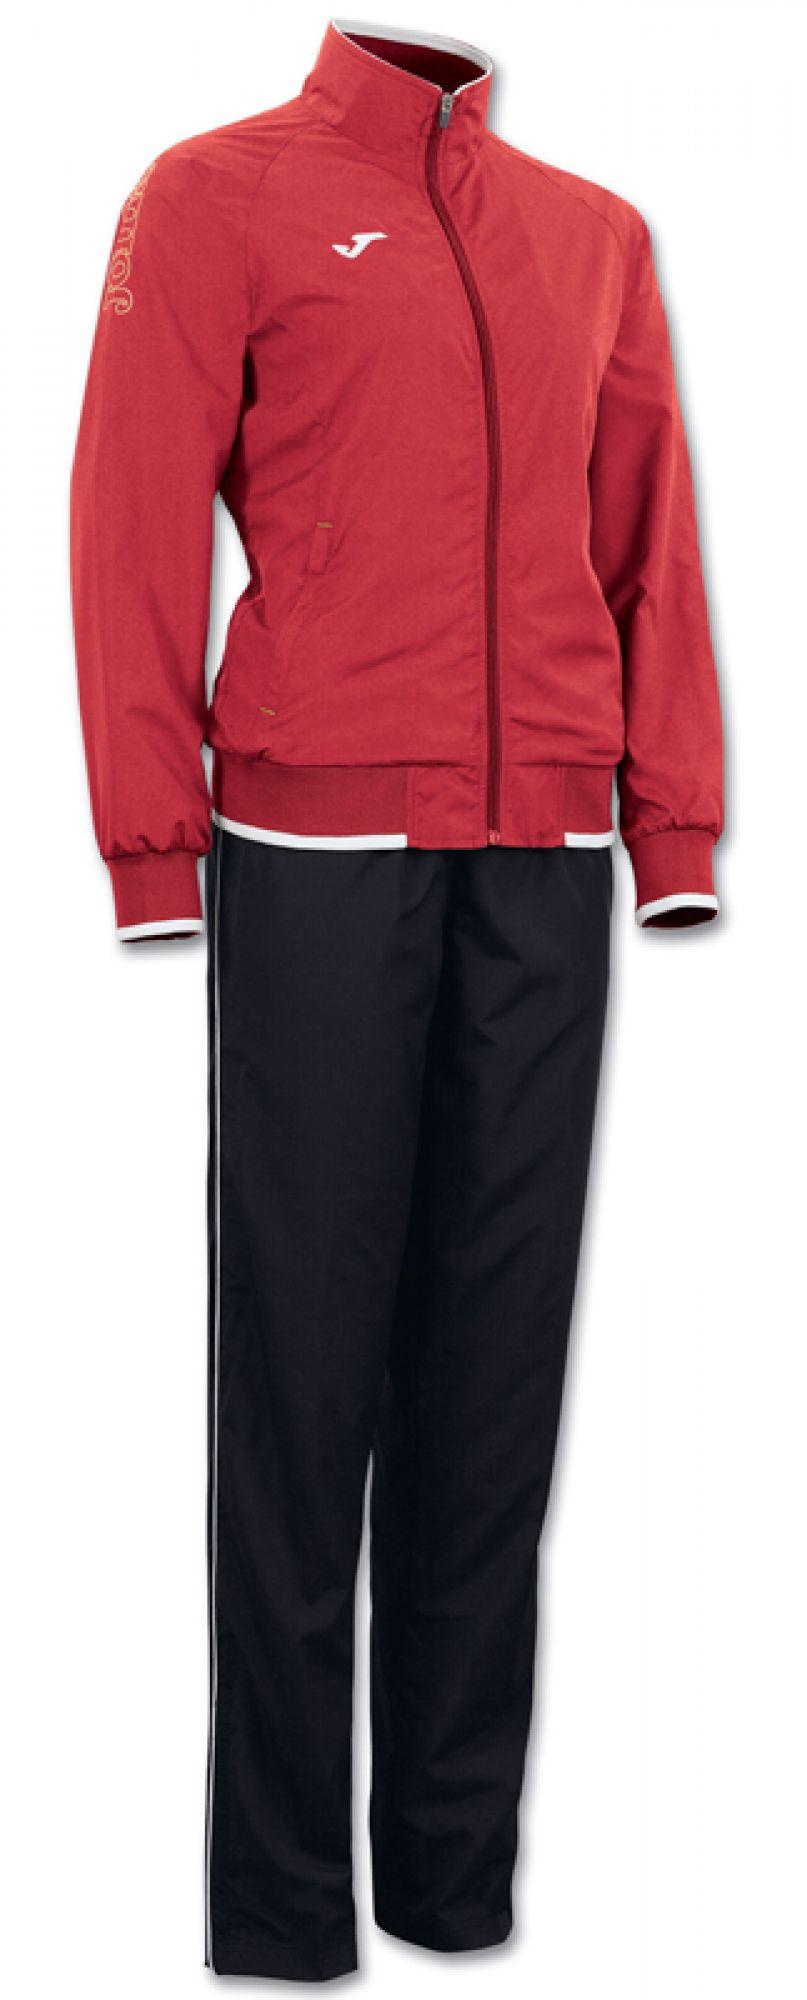 Abbigliamento di rappresentanza for Interno 09 abbigliamento